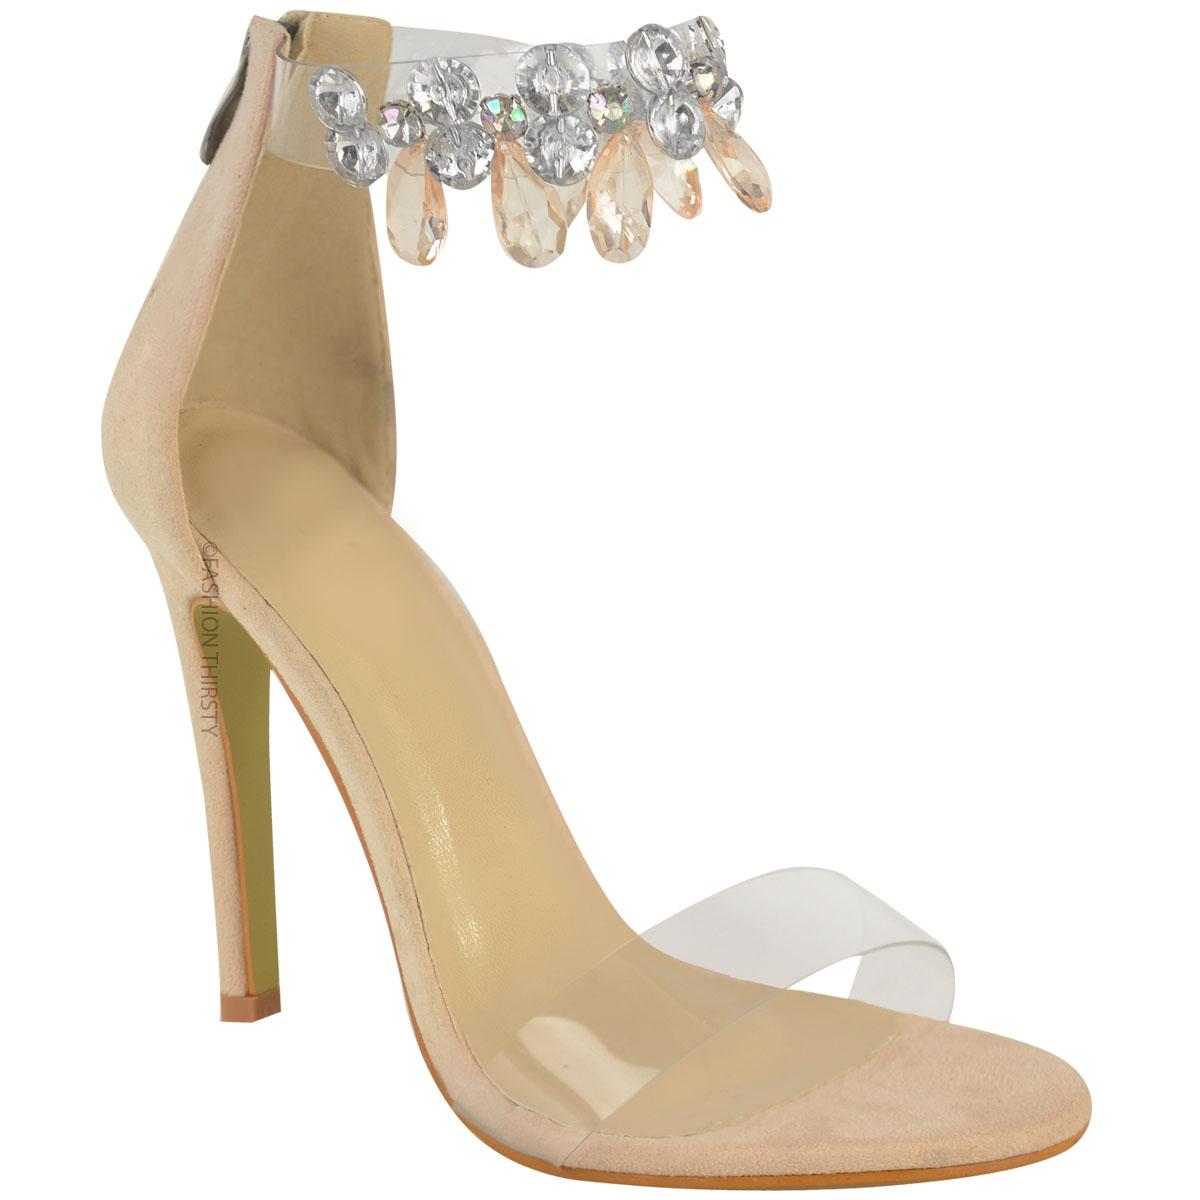 Damen Stiletto-Sandalen mit Glitzersteinen - High Heels mit ... 775aa3cf9b